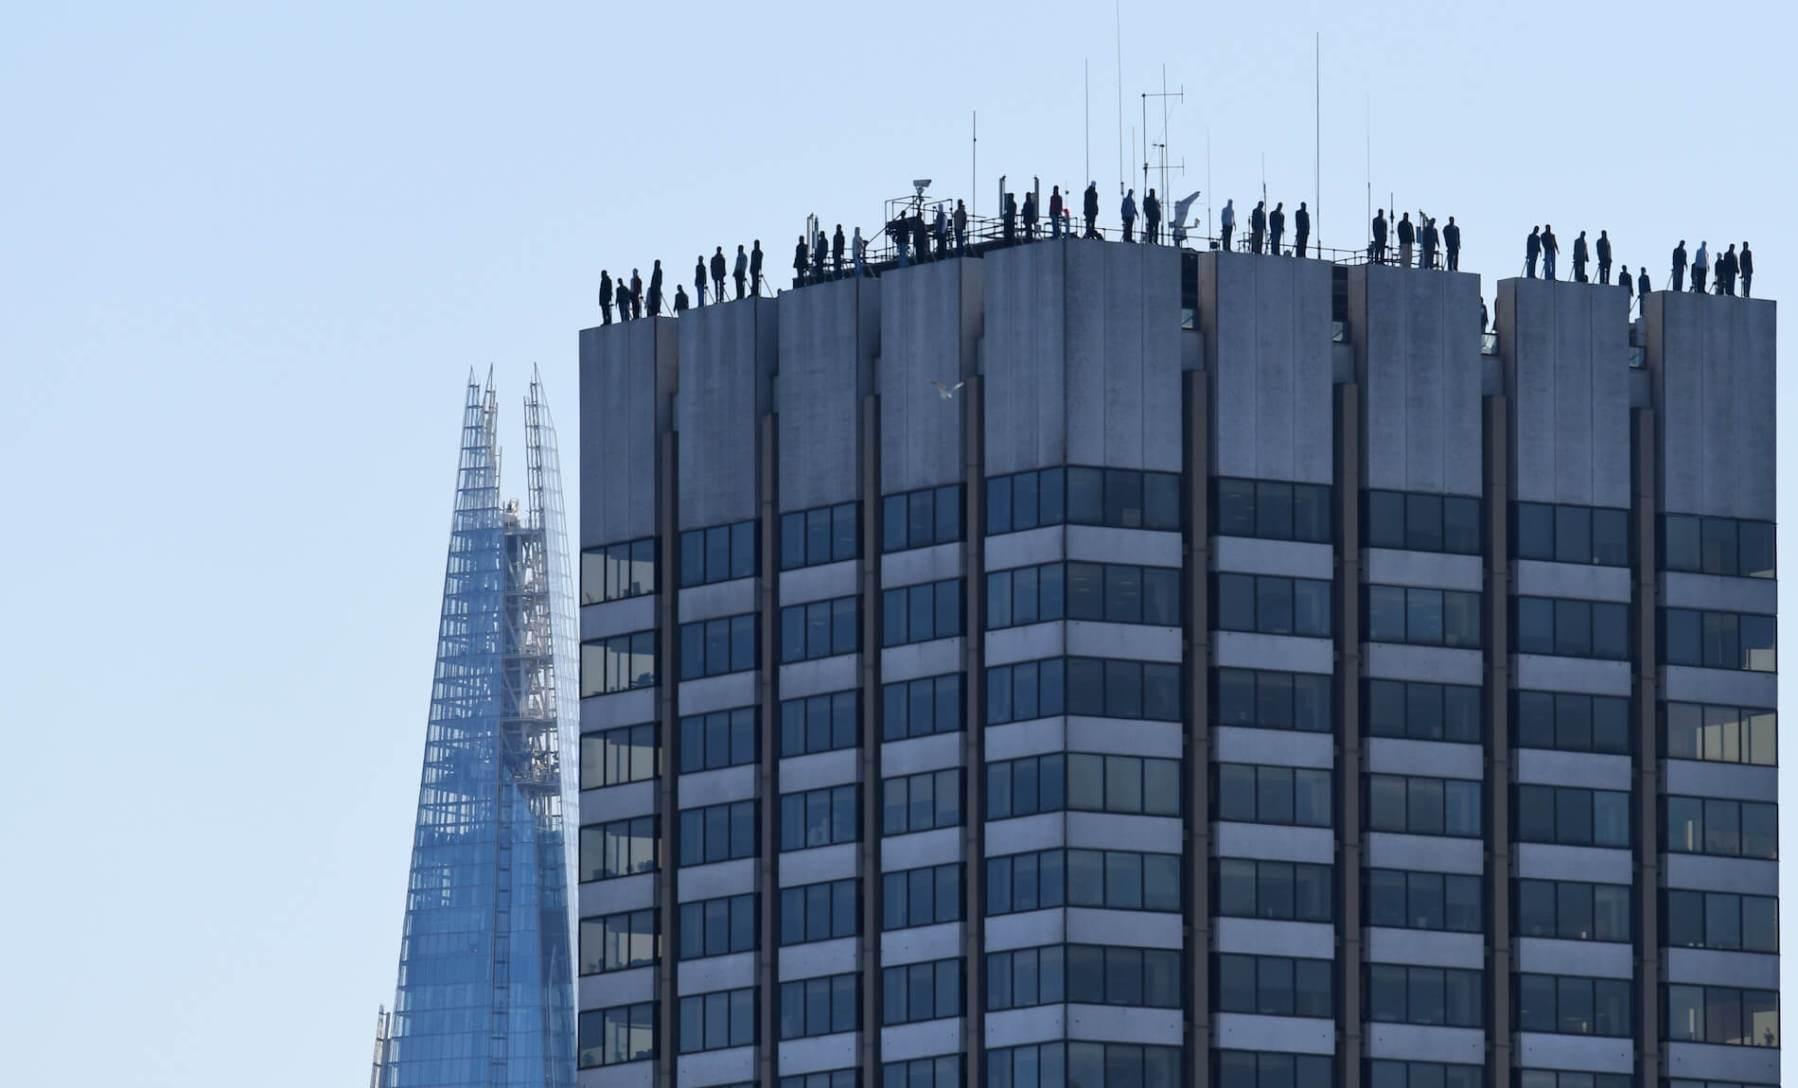 Mark-Jenkins-suicide-awareness-calm-london-rooftops-84-sculptures-29.jpg